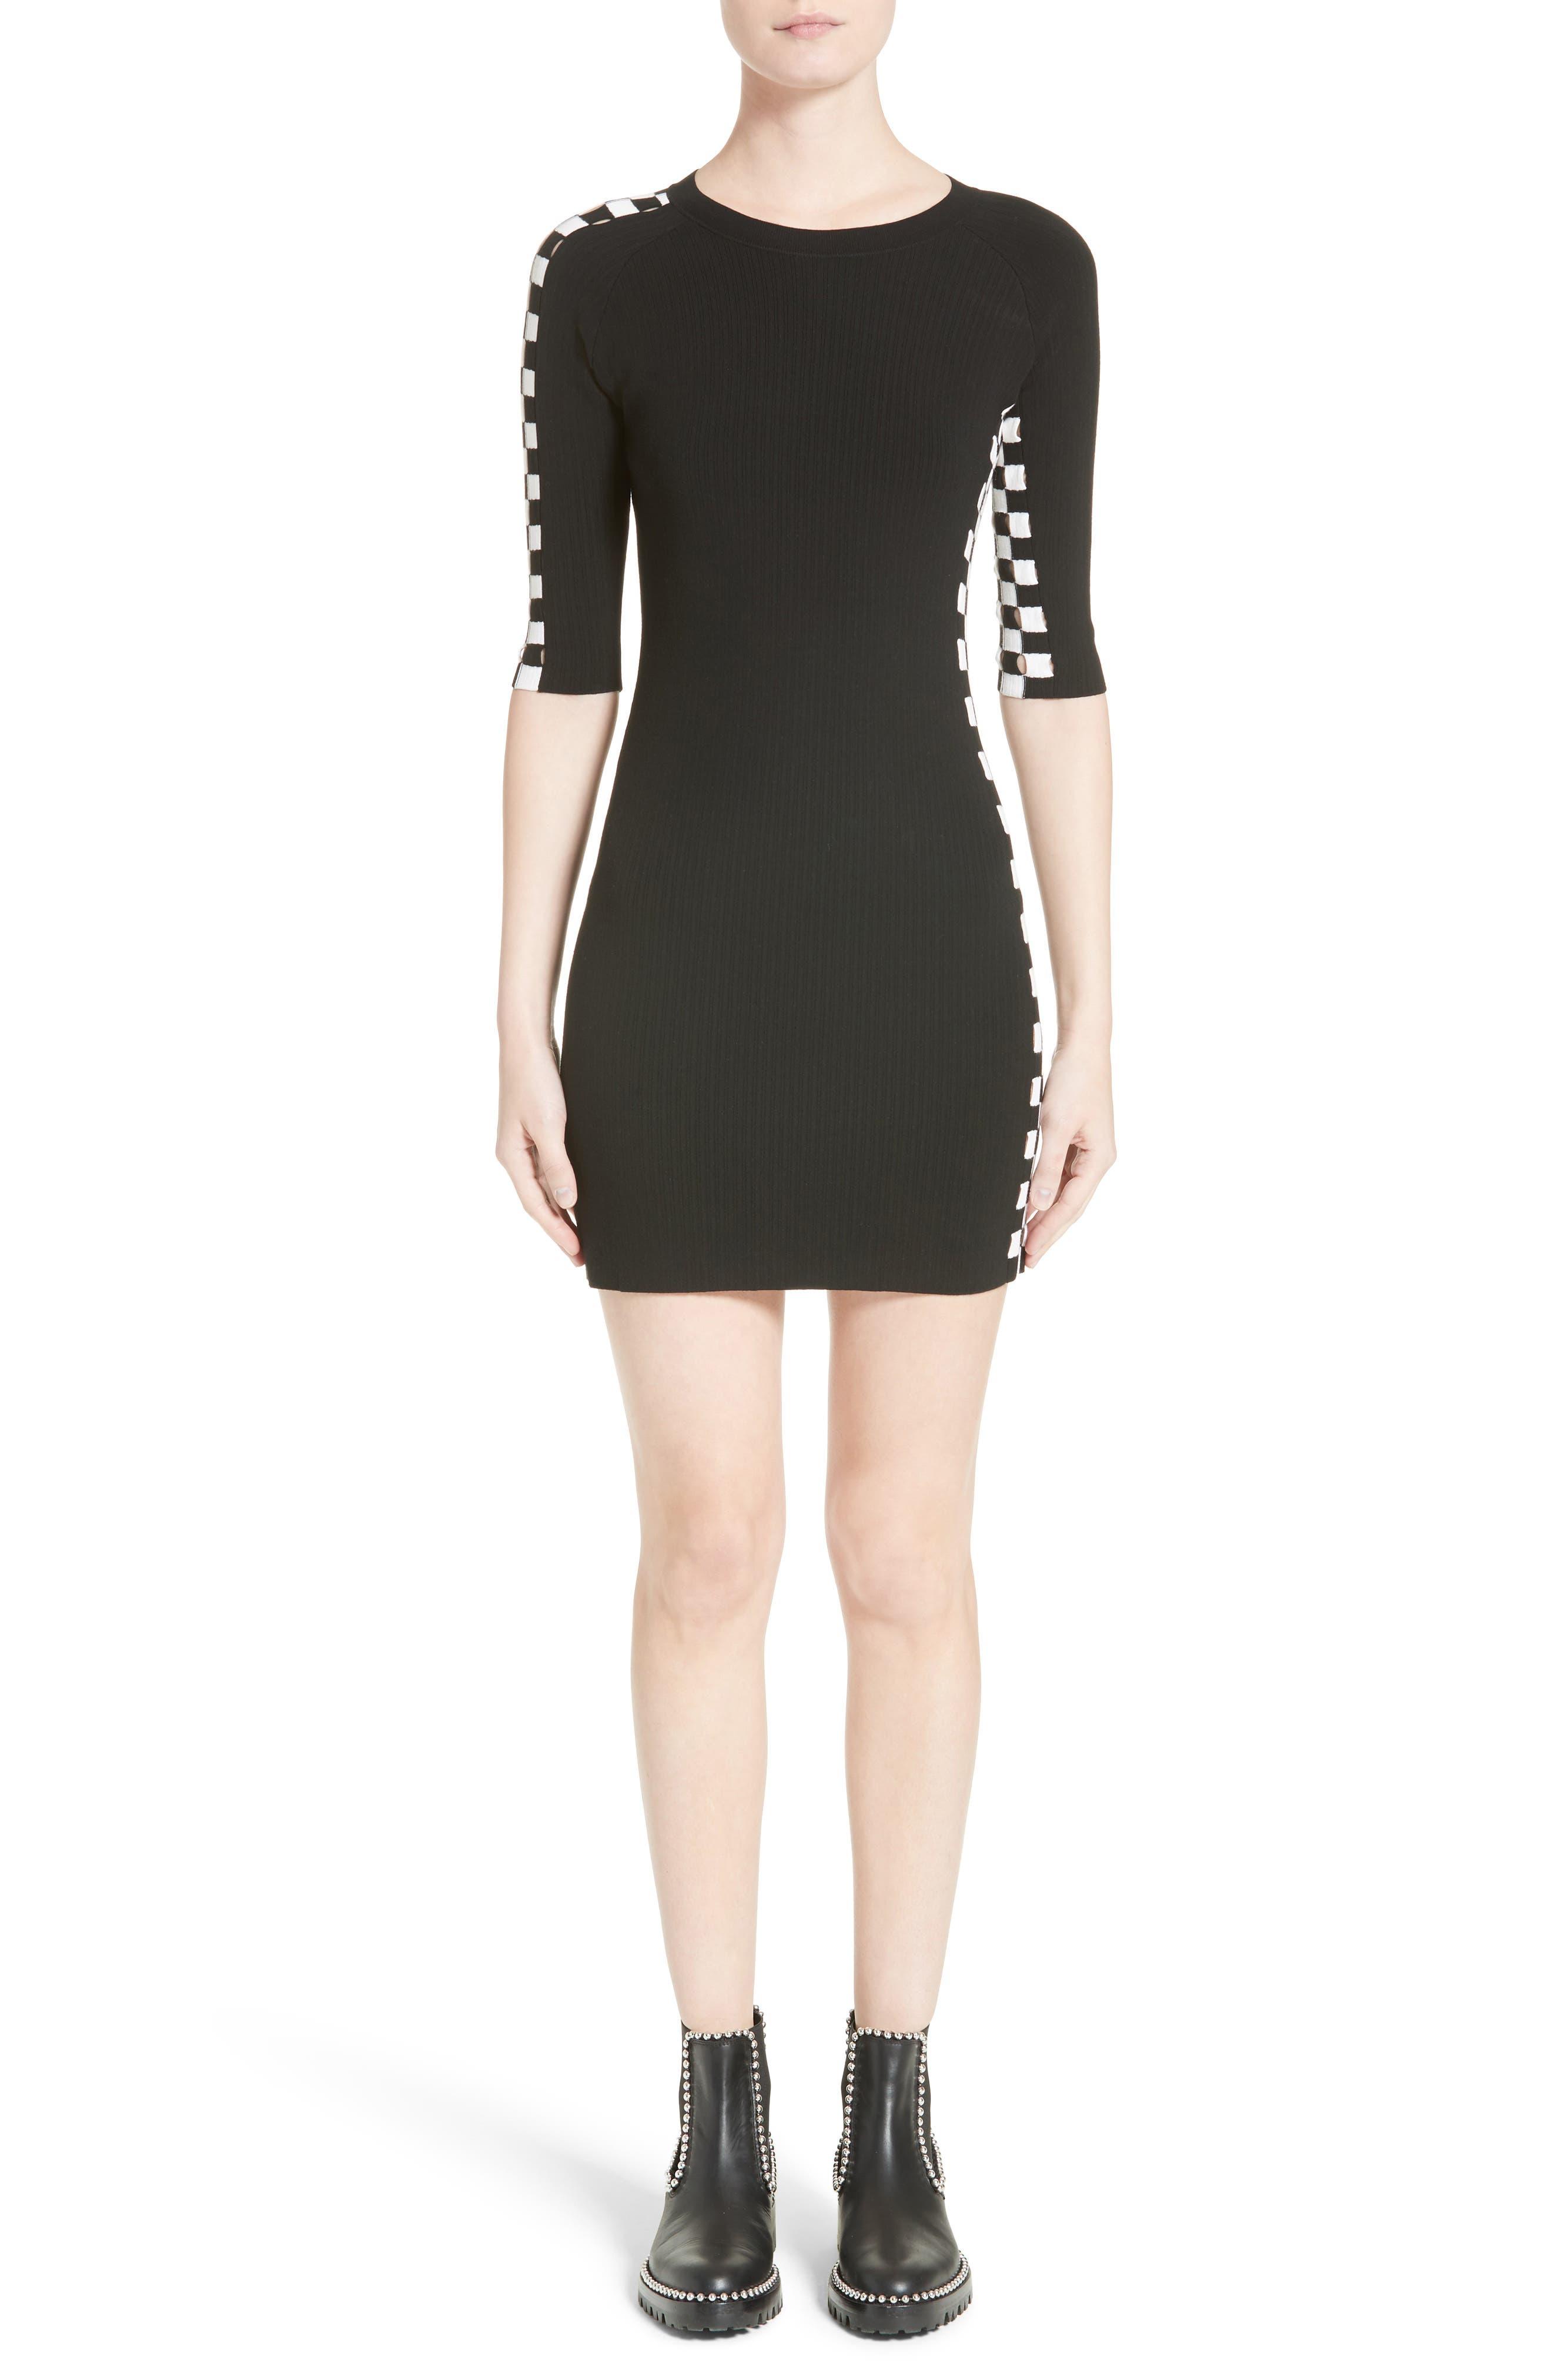 Alexander Wang Intarsia Check Knit Dress